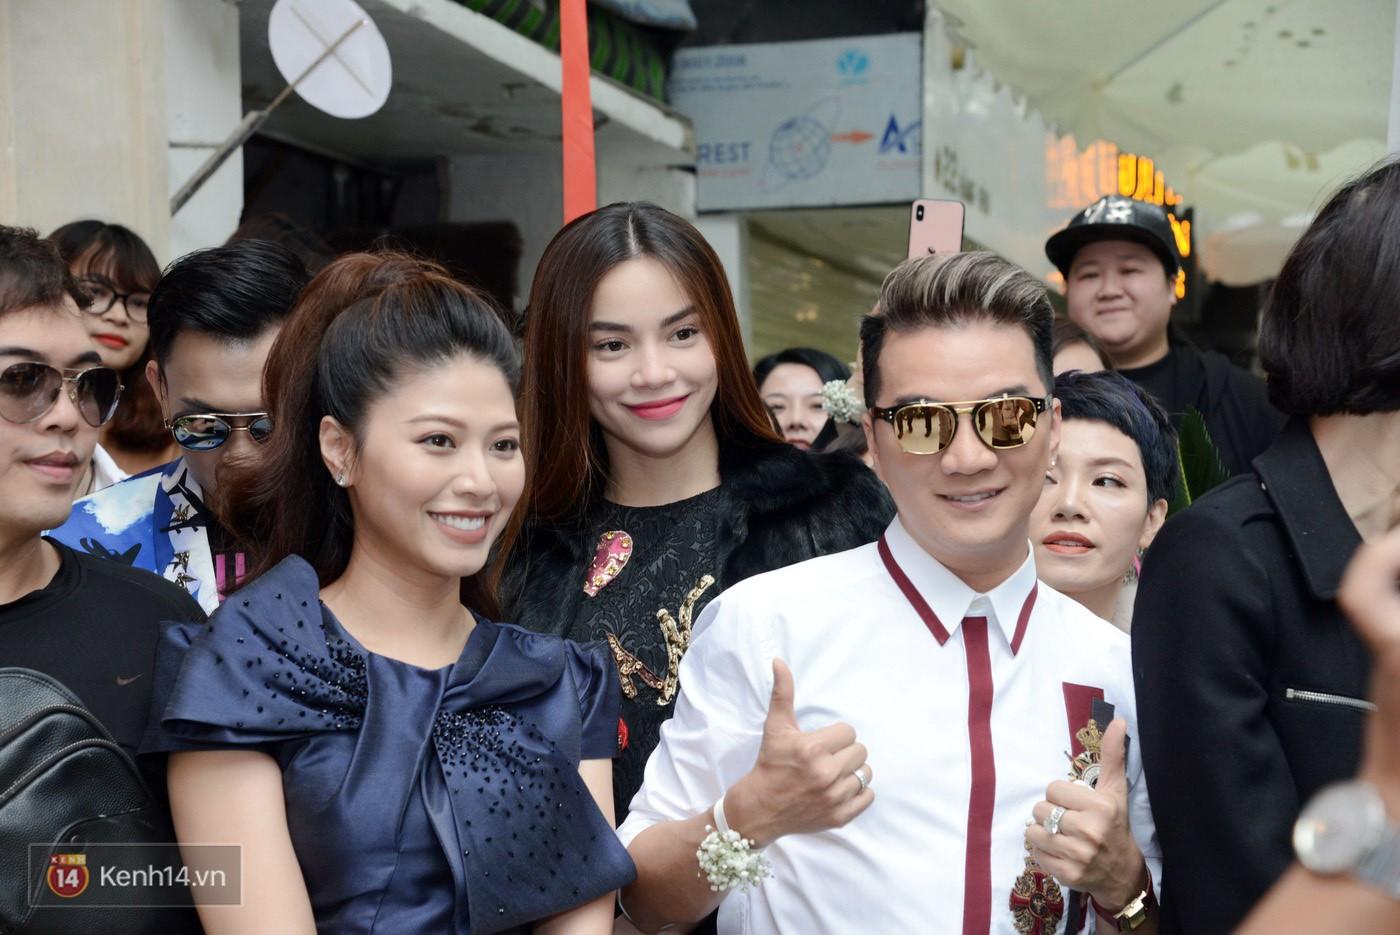 Sơn Tùng và Soobin Hoàng Sơn gây thích thú khi xuất hiện như anh em sinh đôi tại sự kiện - Ảnh 15.